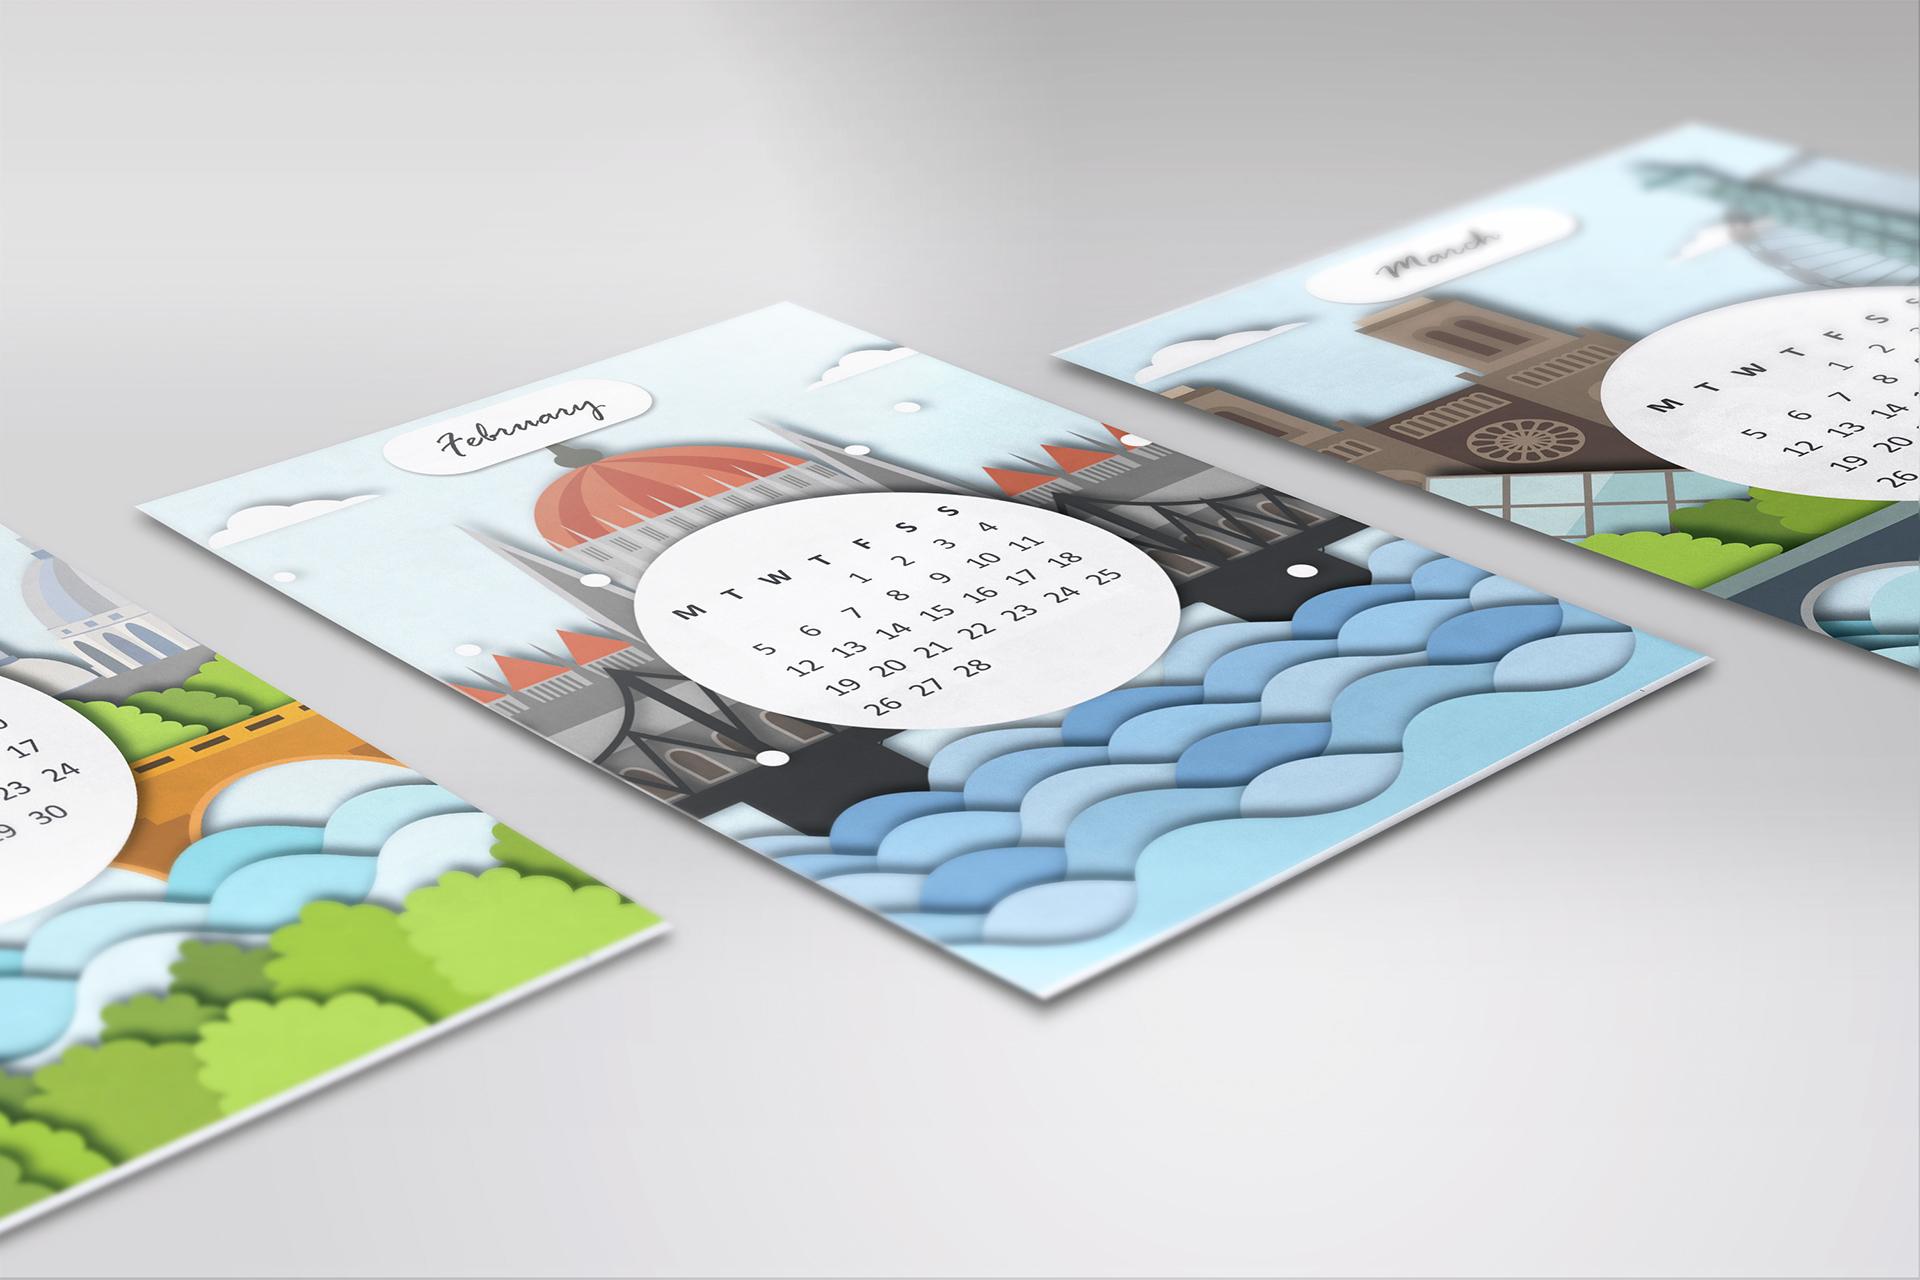 Handmade Calendar Designs : Ideas para diseñar calendarios creativos el regalo